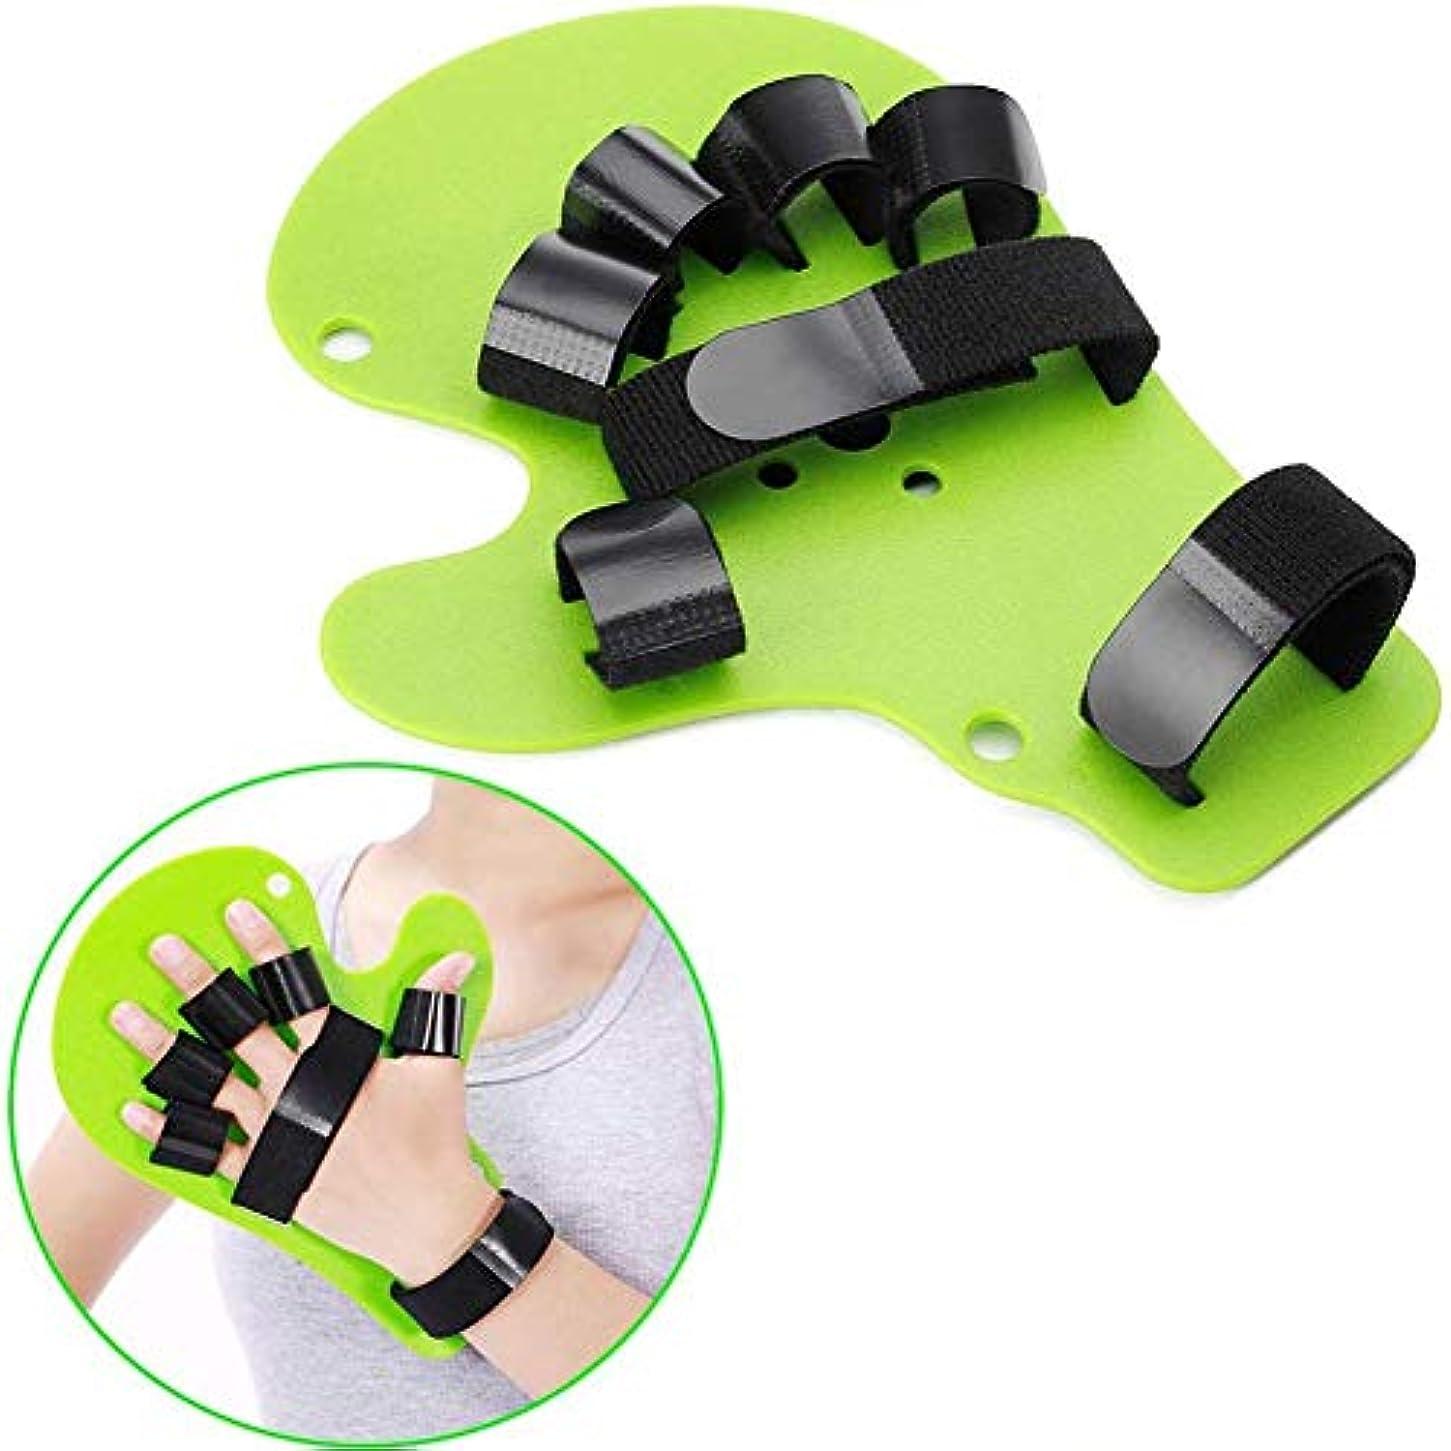 純度批判的四回フィンガースプリントフィンガーボードフィンガーセパレーター,セパレータ、指の指セパレーターインソールフィンガー、関節炎、腱炎、手術、脱臼、捻挫、繰り返しの使用にも役立ちます(フィット右または左の手)